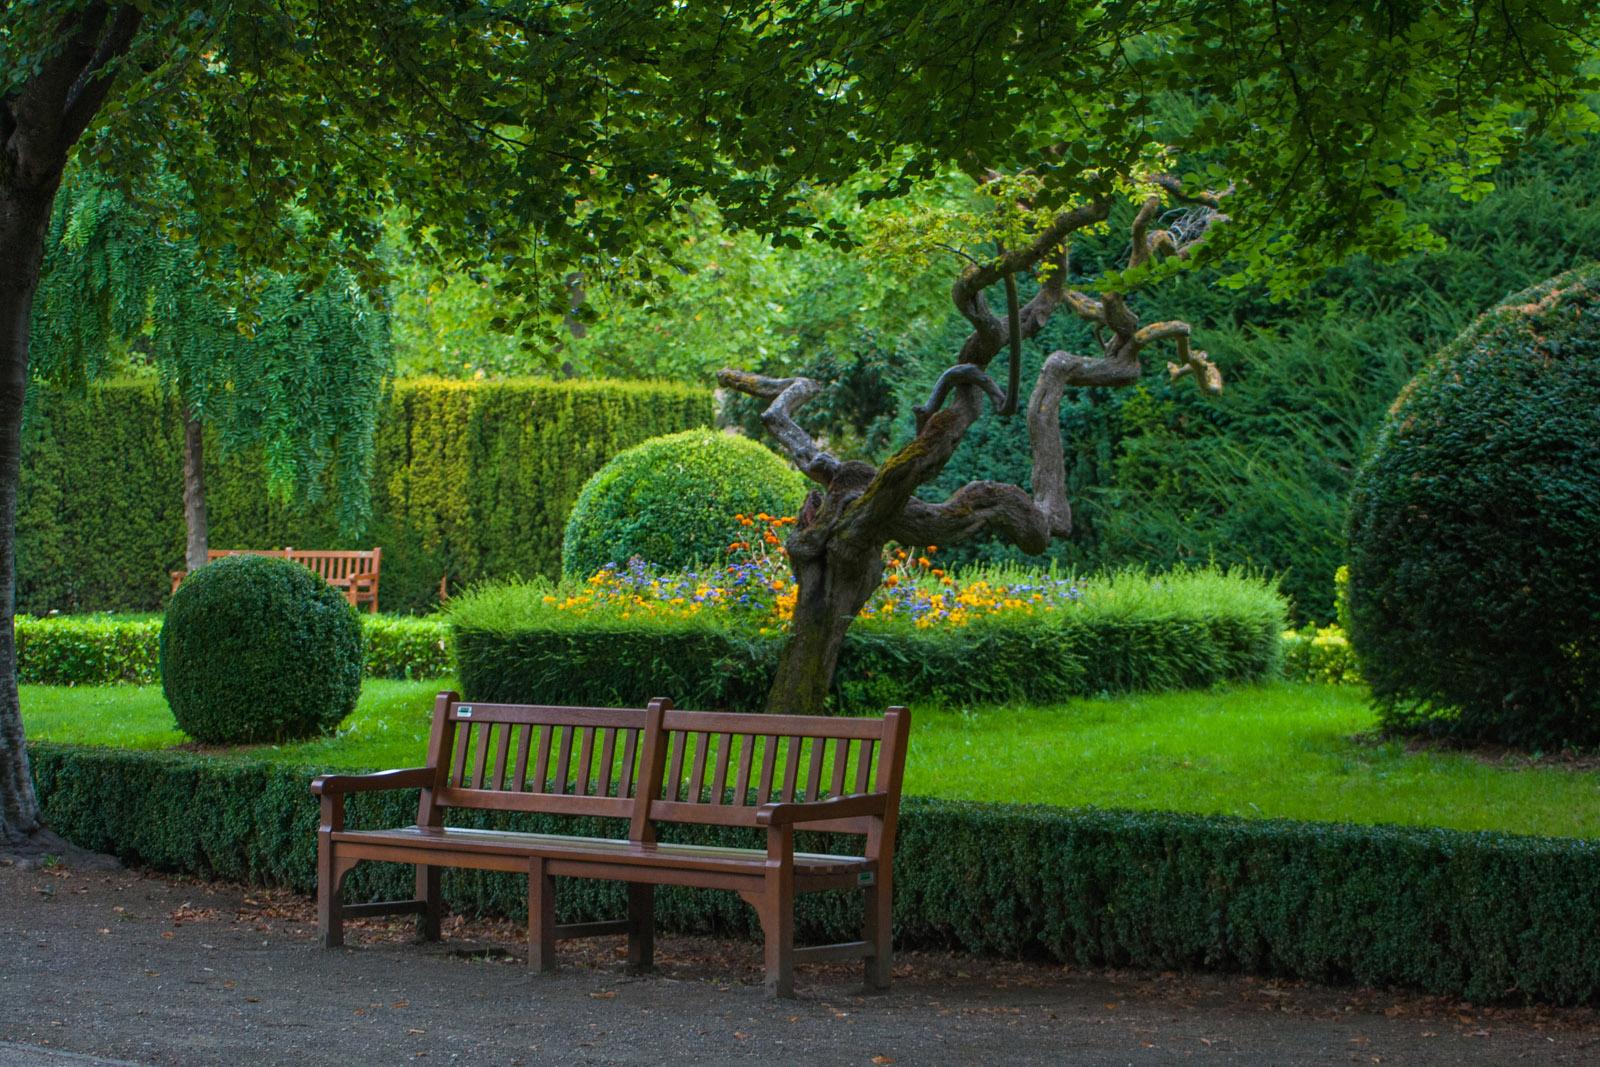 Jardines de la Taconera, un bello lugar para disfrutar de la naturaleza.